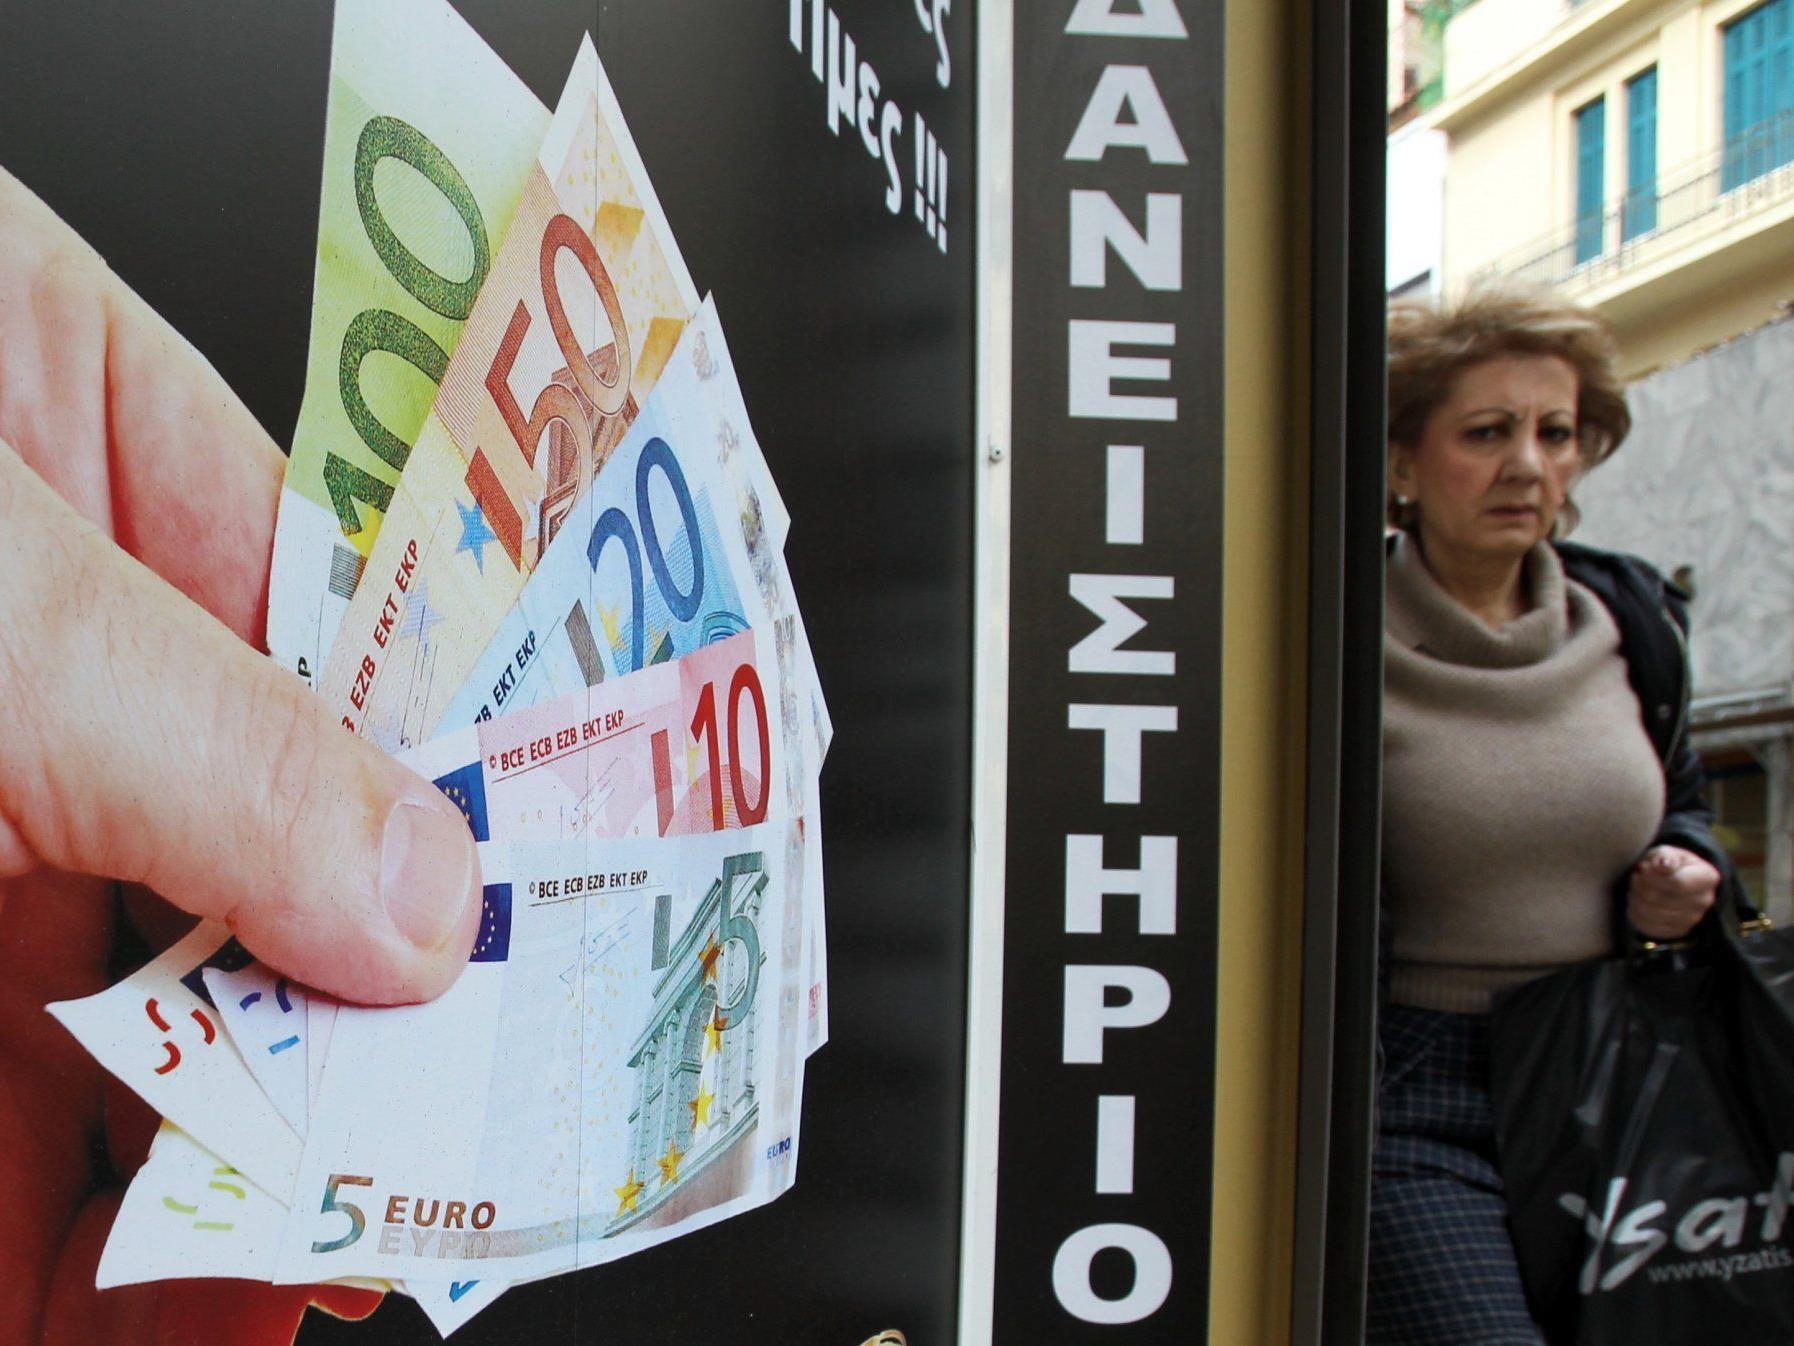 Anleihenumtausch bis Anfang März - IWF-Mittelaufstockung in Diskussion.